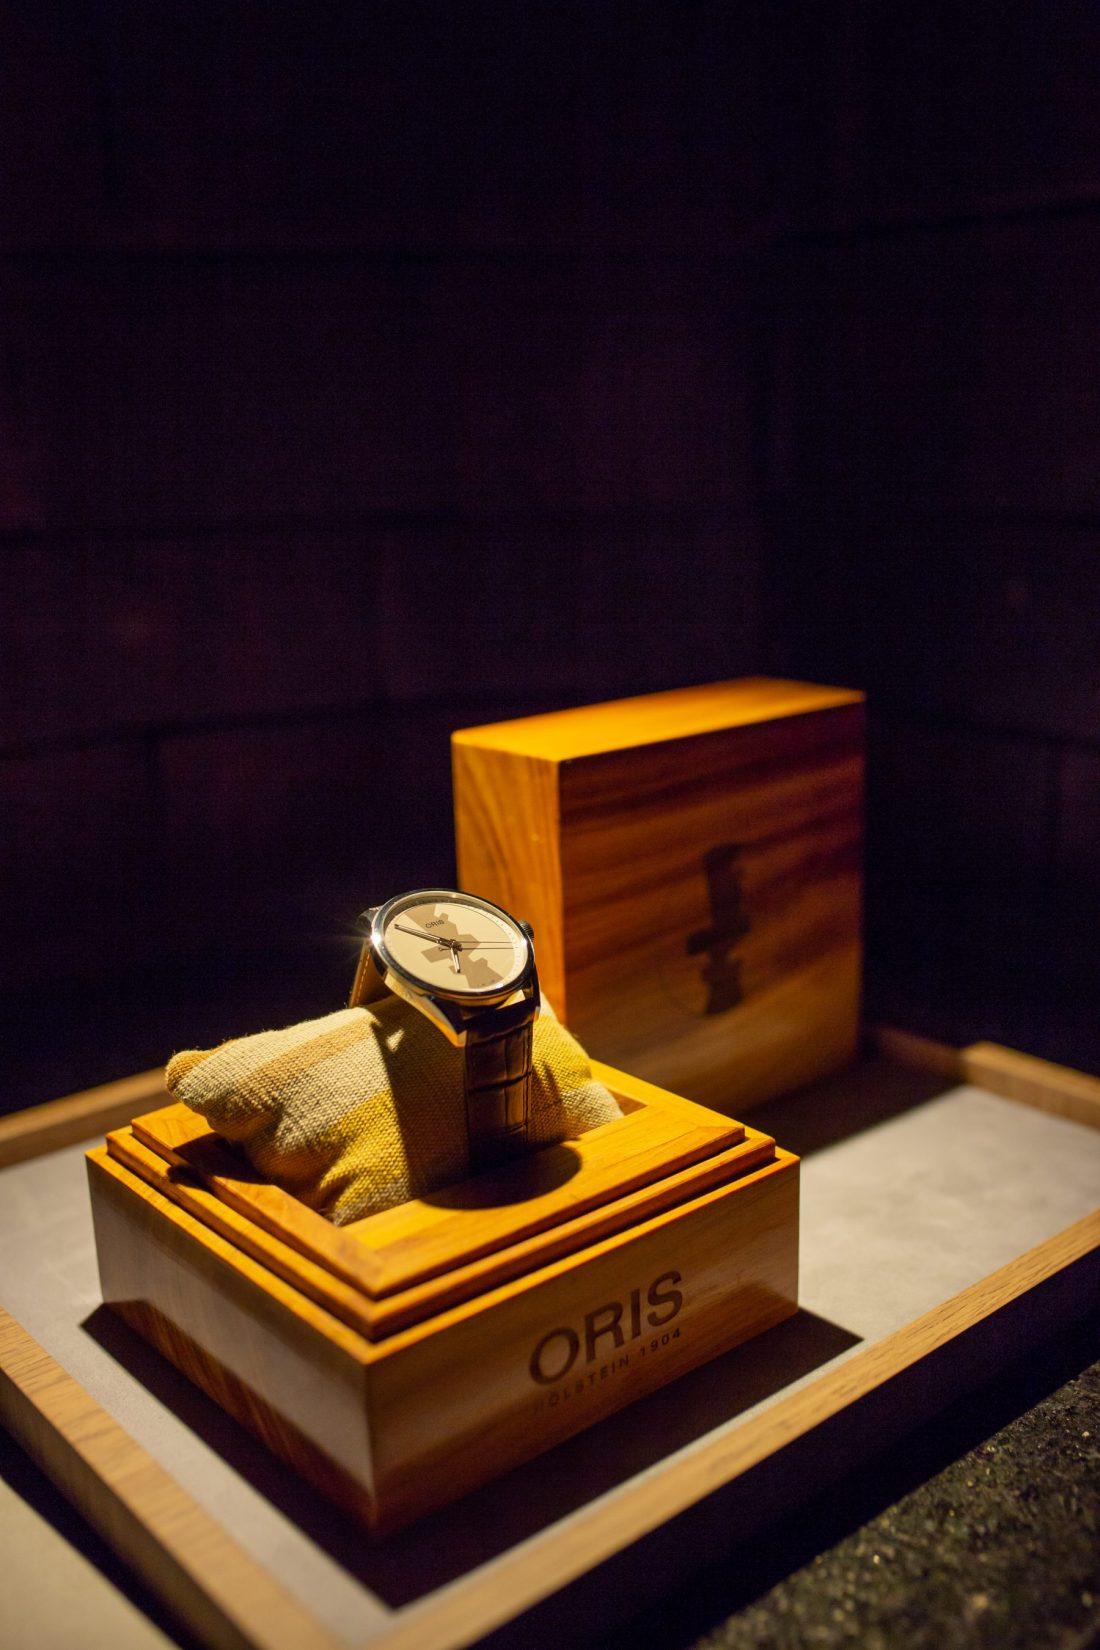 Reloj Oris Artix dentro de una pequeña caja de madera acolchonada en la oscuridad